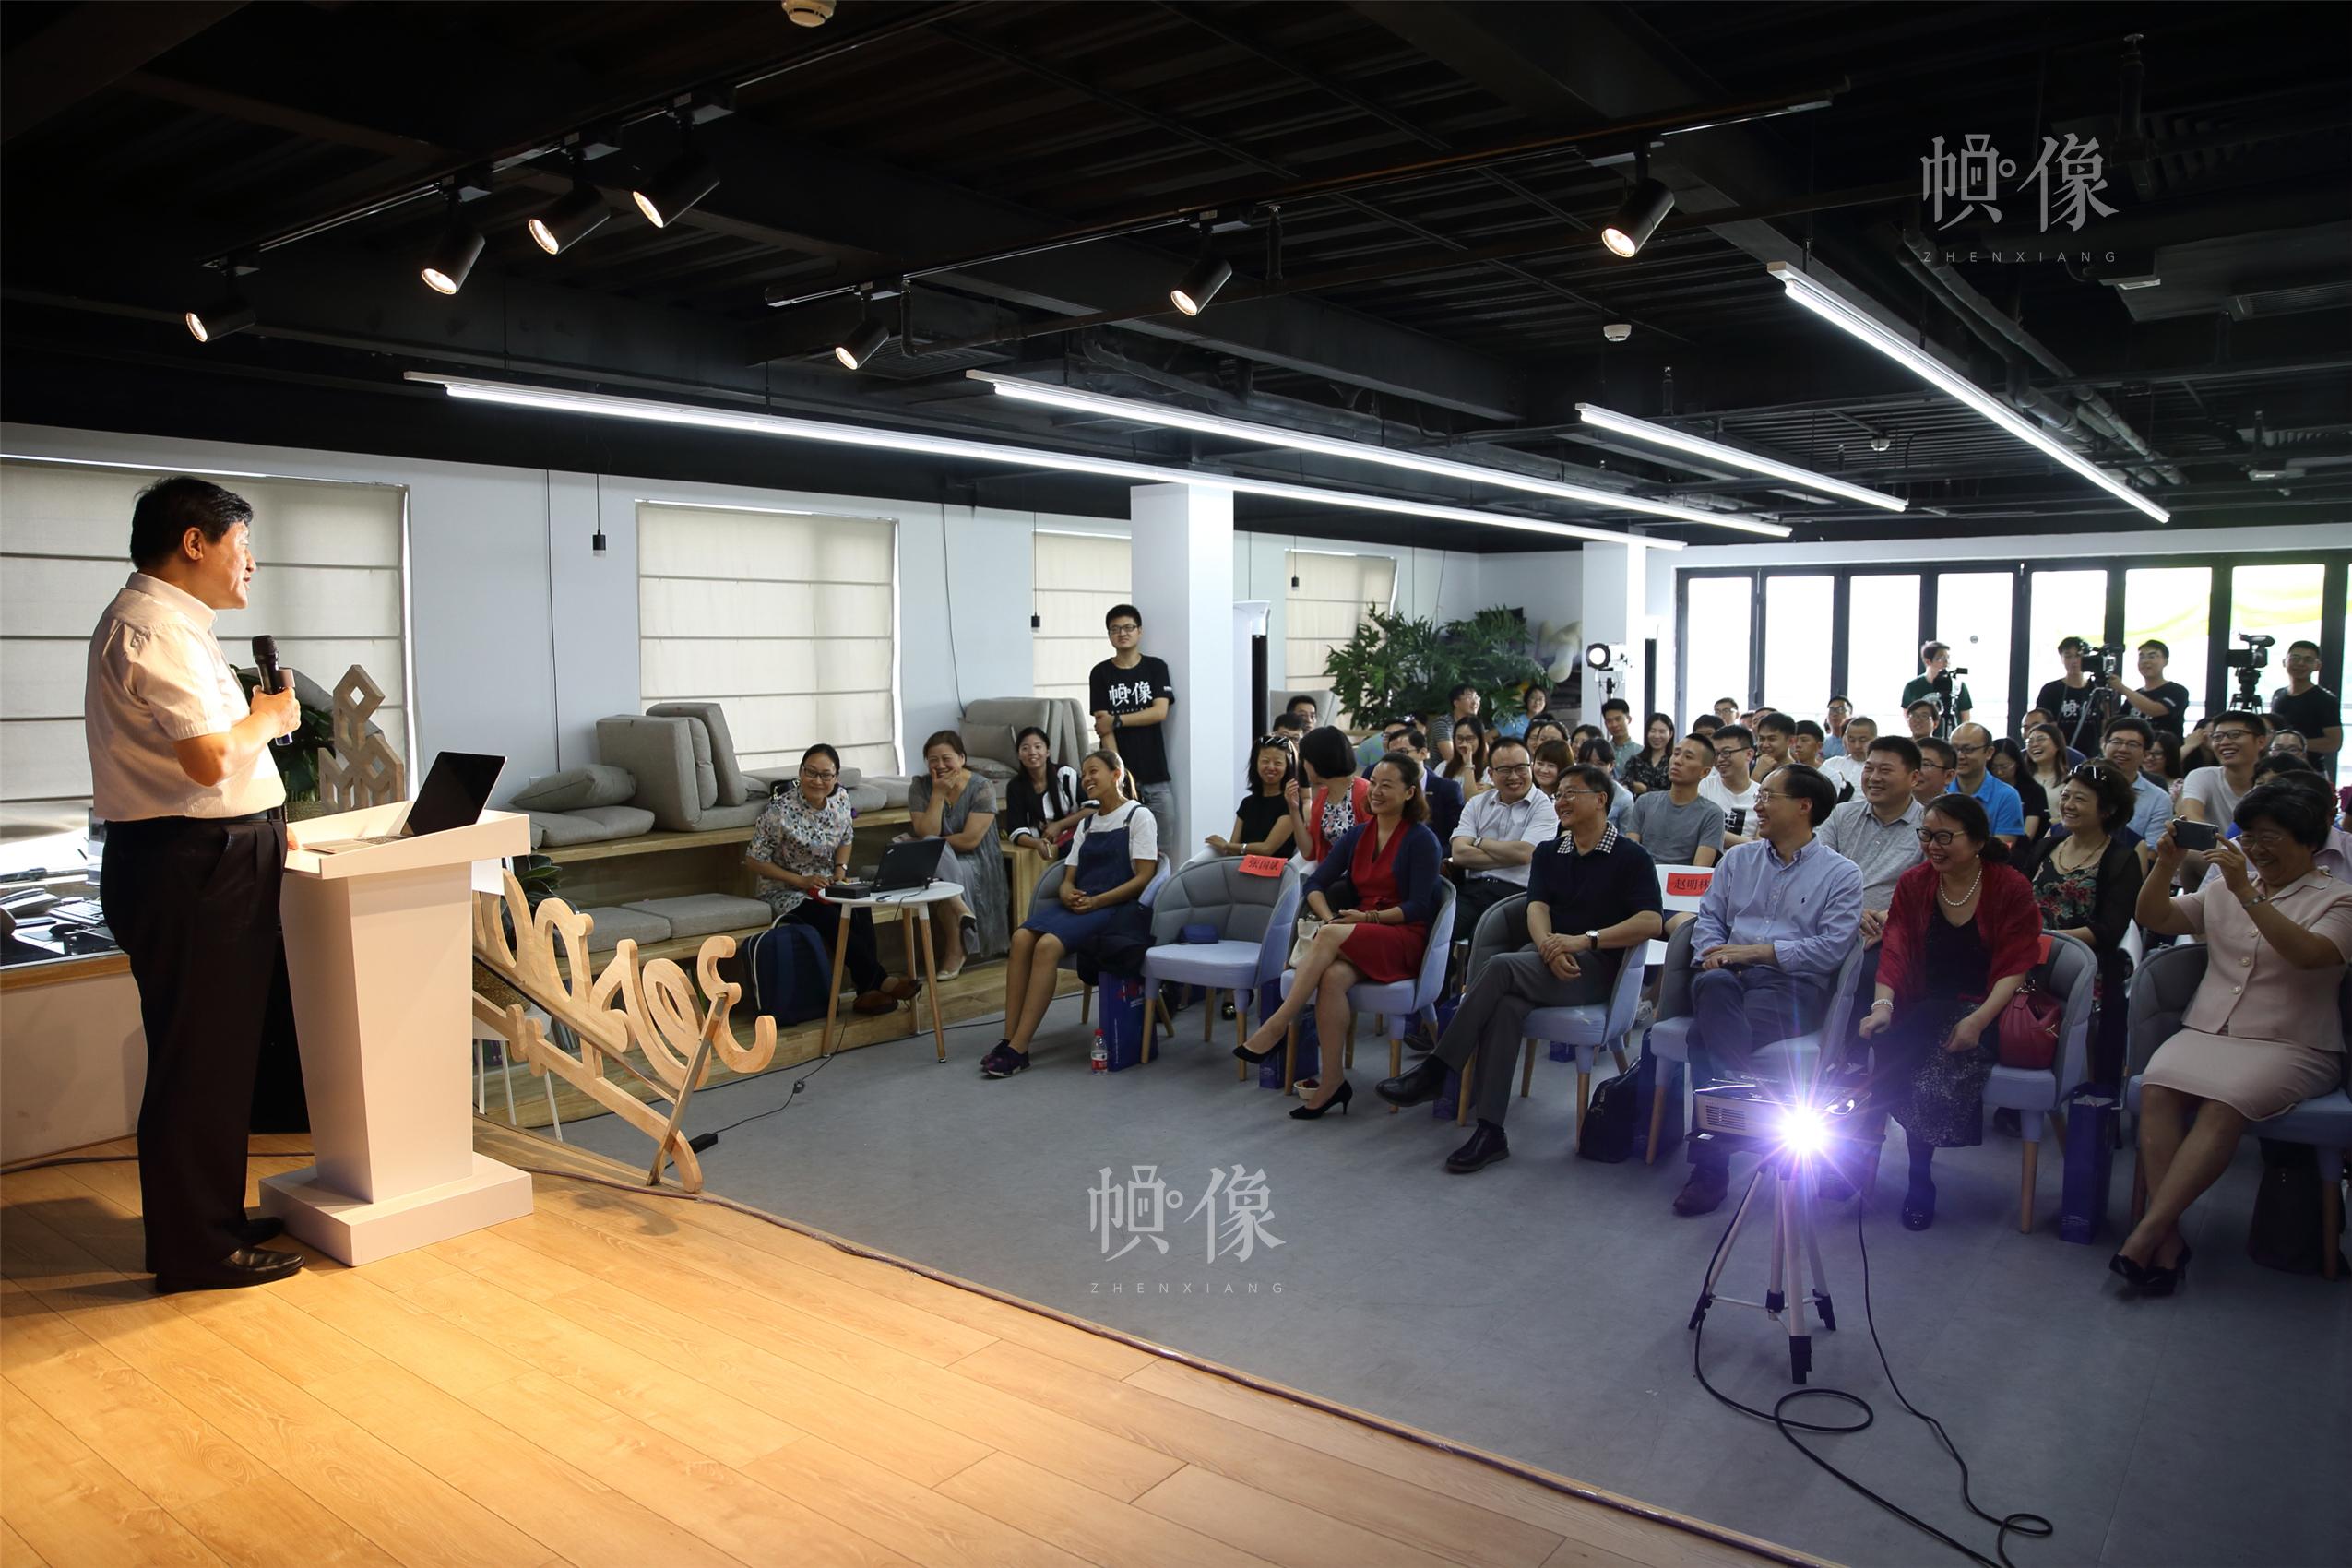 2017年6月17日,北京,察哈尔学会秘书长、中国驻法国斯特拉斯堡总领馆前总领事张国斌分享经历。当日,《帧像·故事中国》第二期线下沙龙举行。中国网记者 陈维松 摄